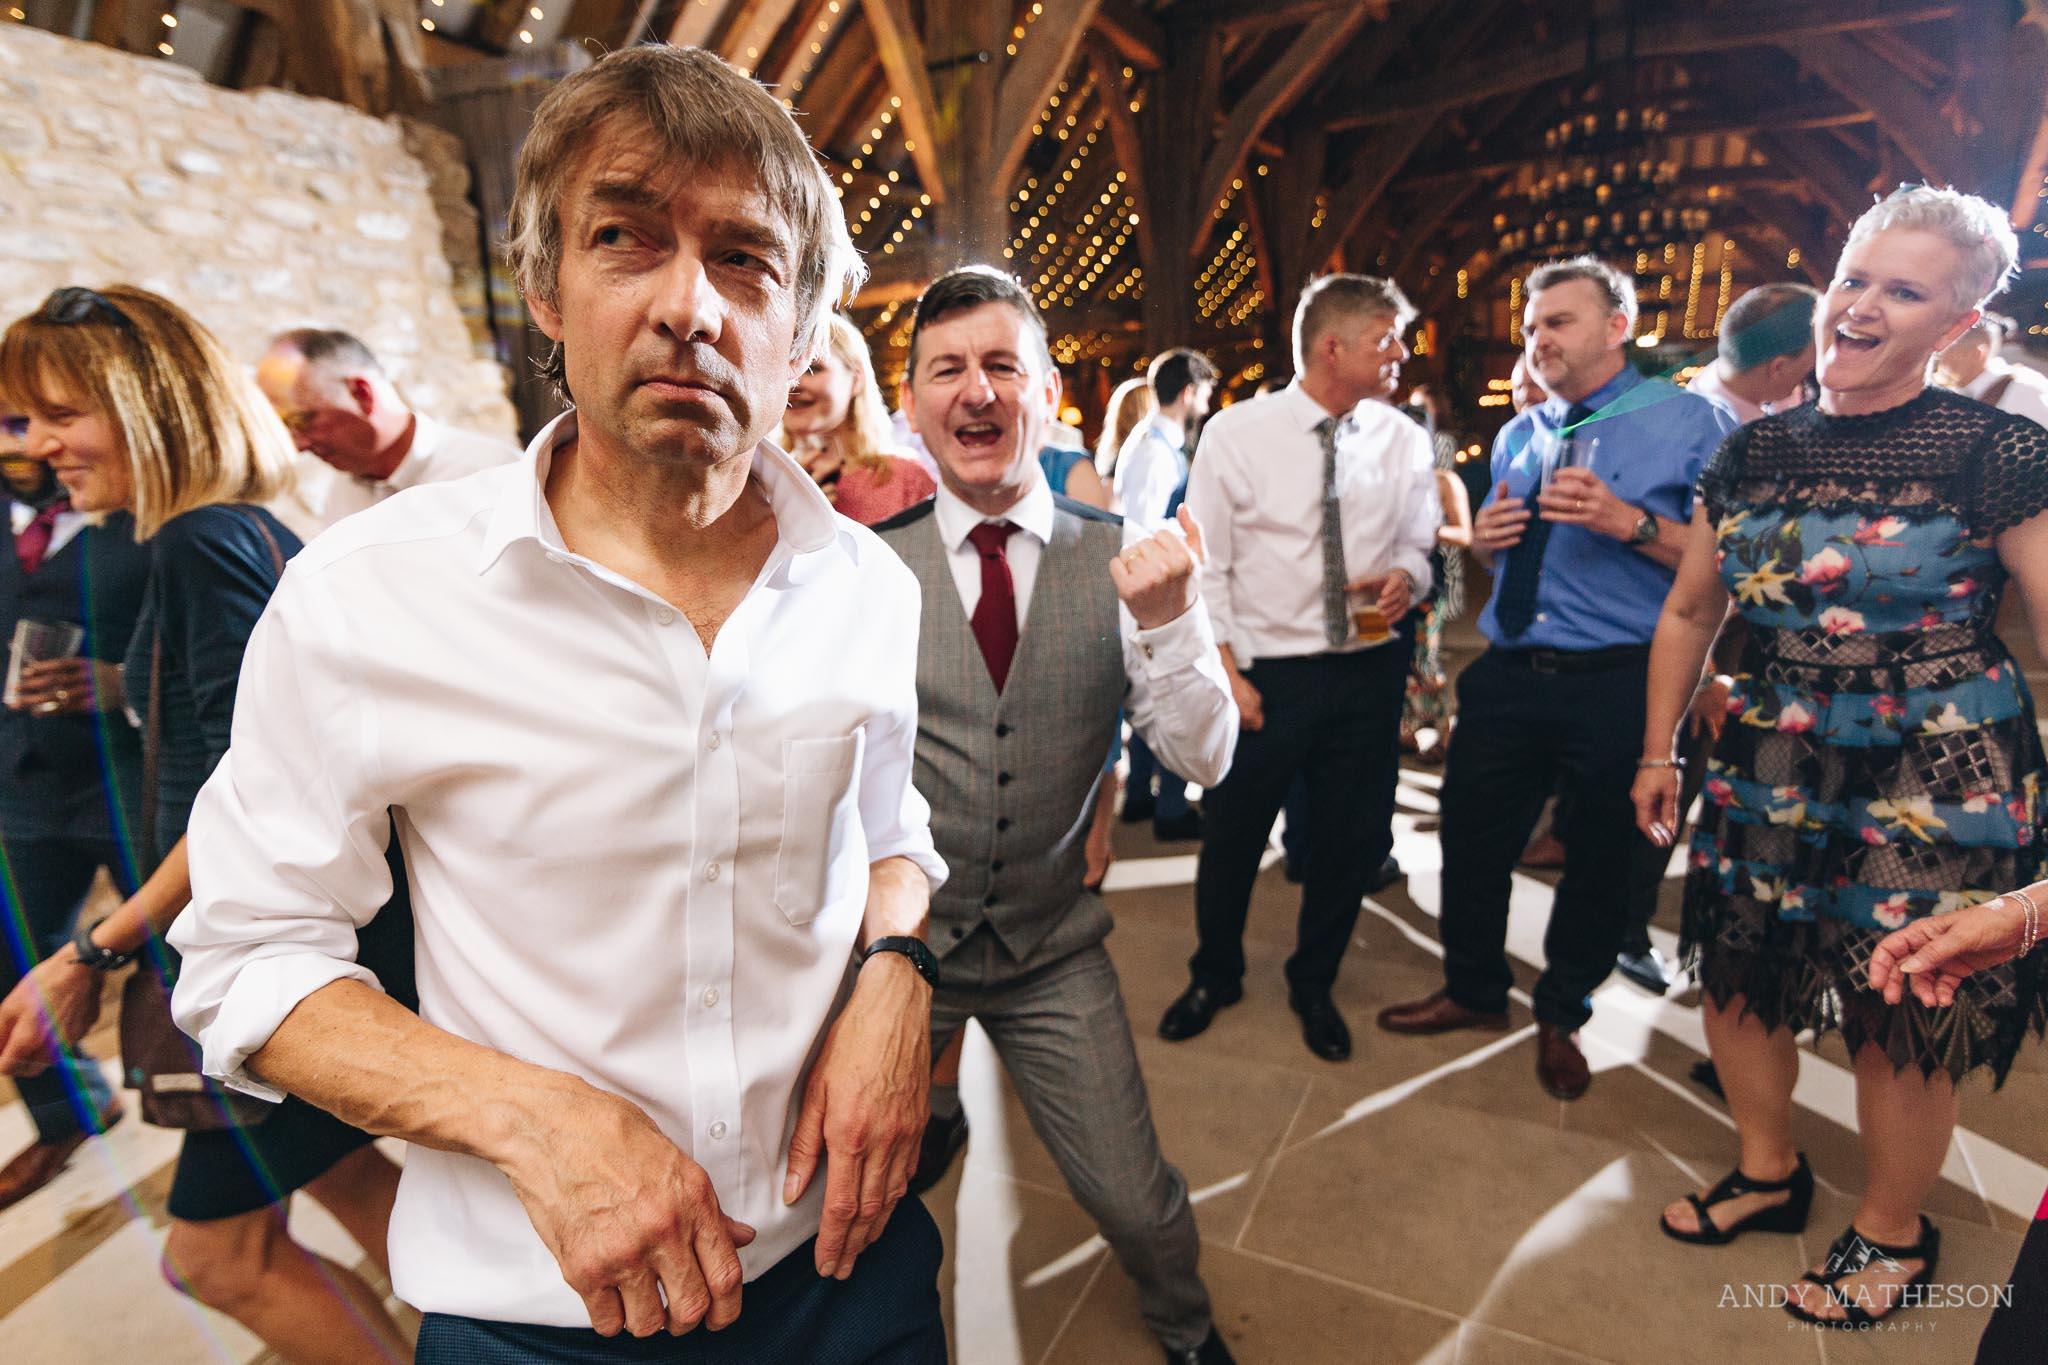 Tithe Barn Bolton Abbey Wedding Photographer_Andy Matheson_097.jpg